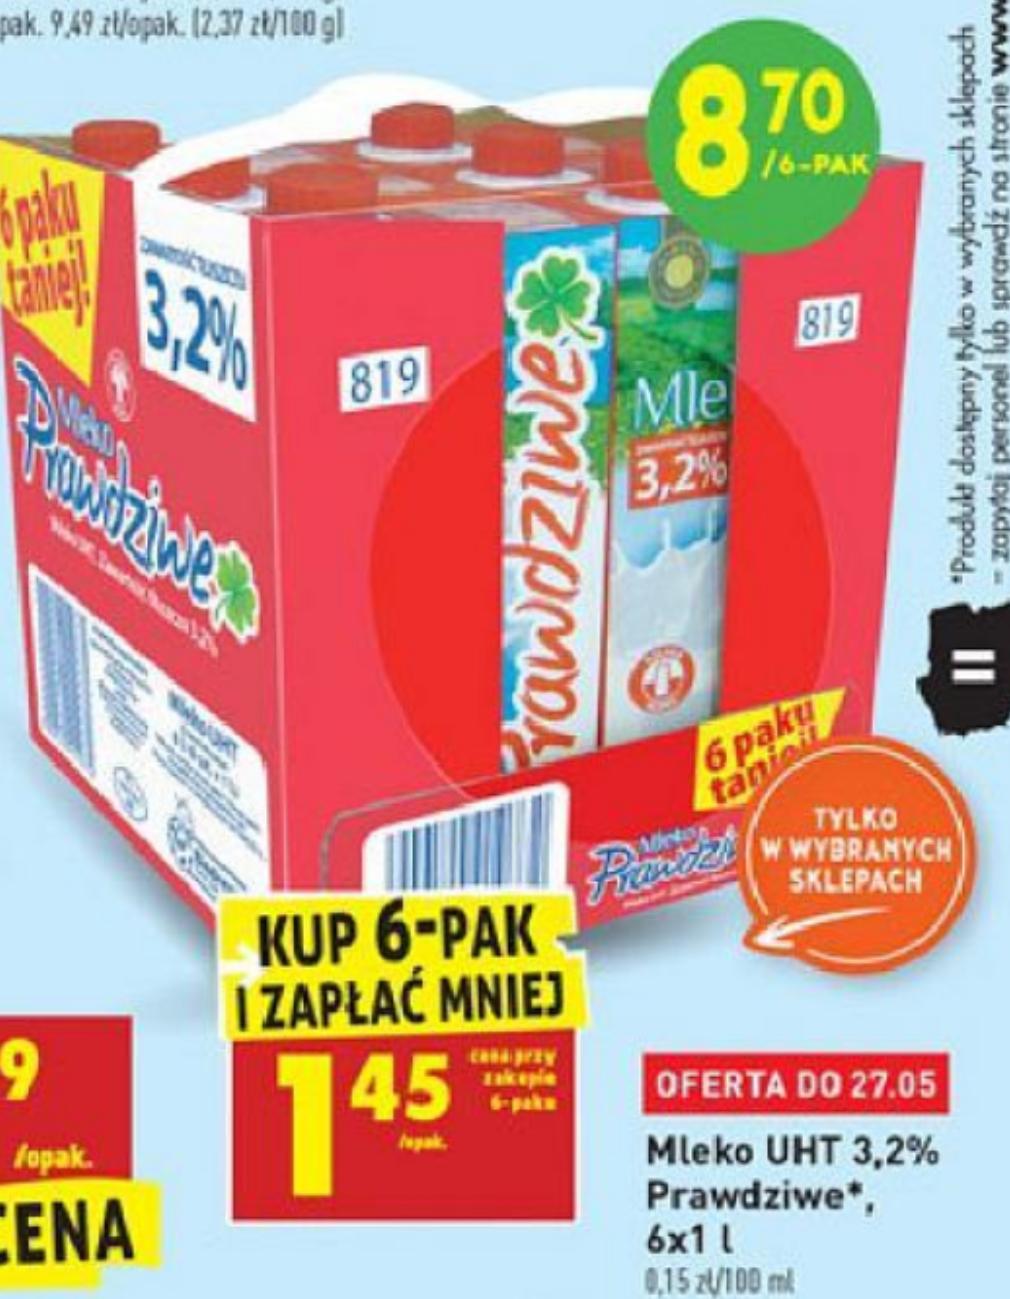 6pak mleka Prawdziwe UHT 3.2% za 8.7zł @Biedronka